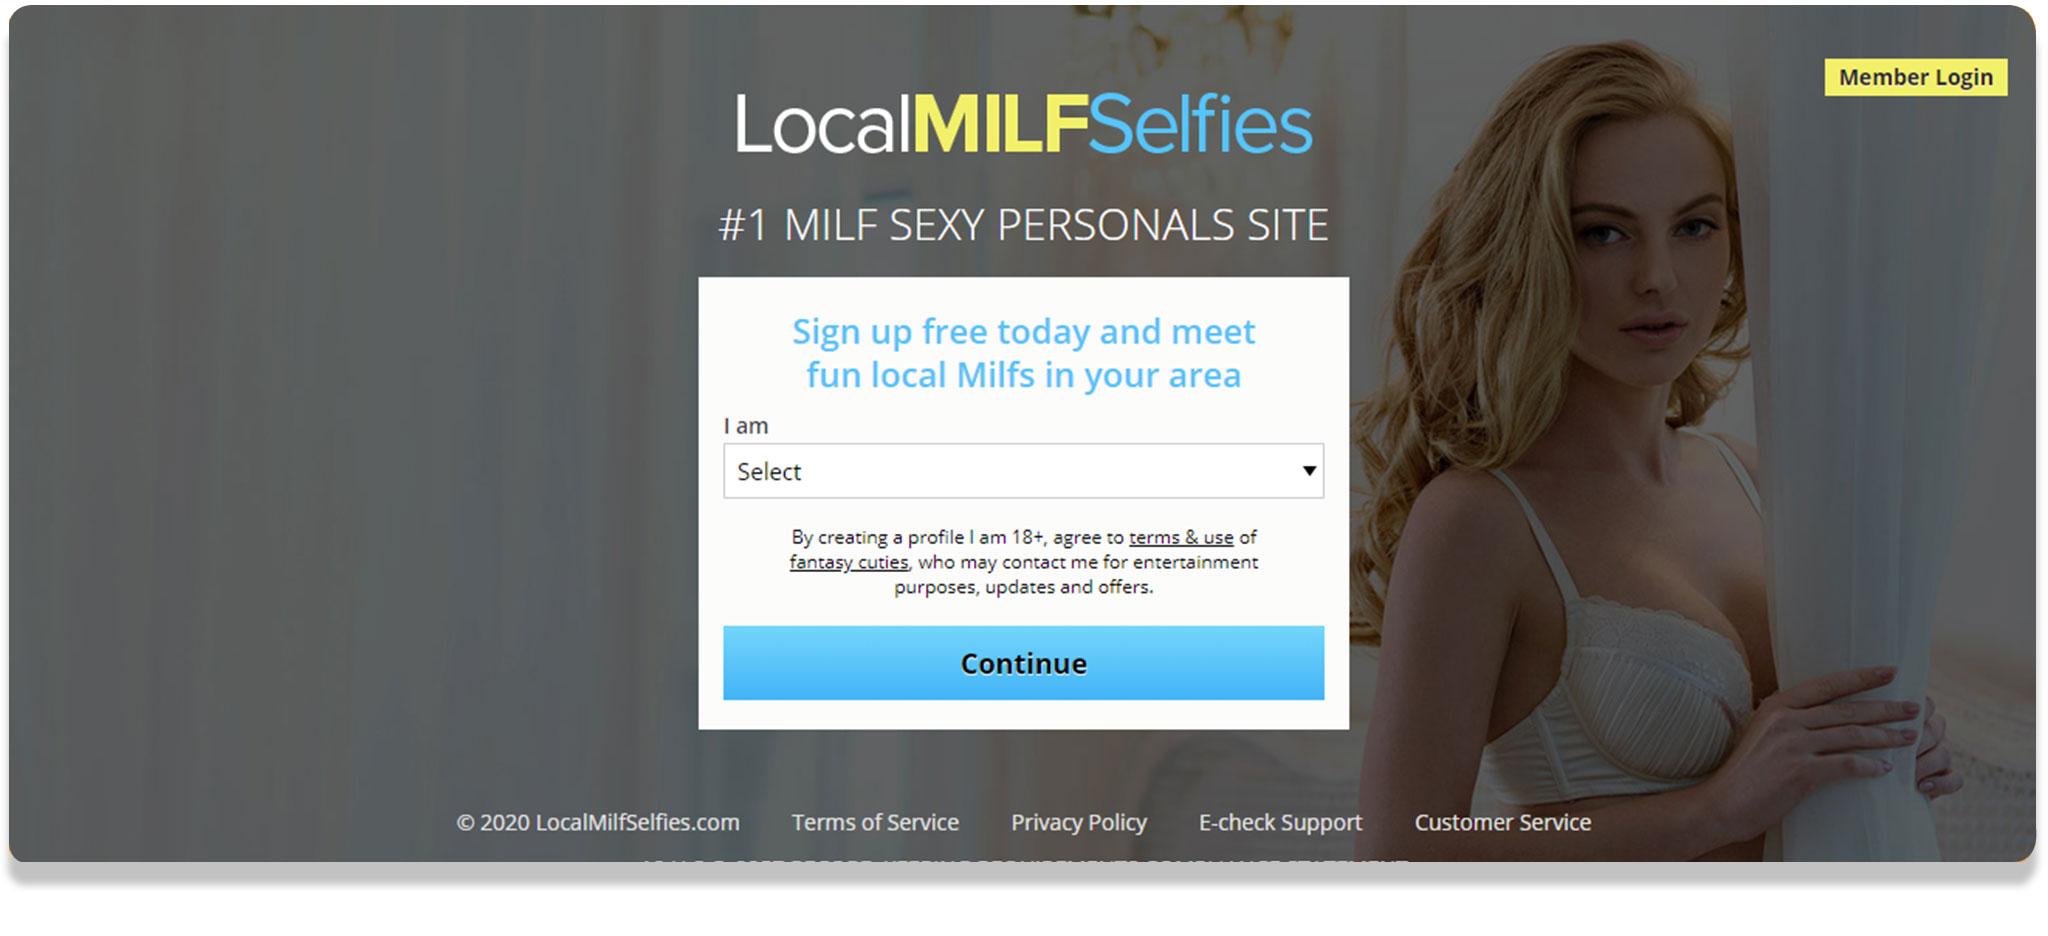 LocalMilfSelfies